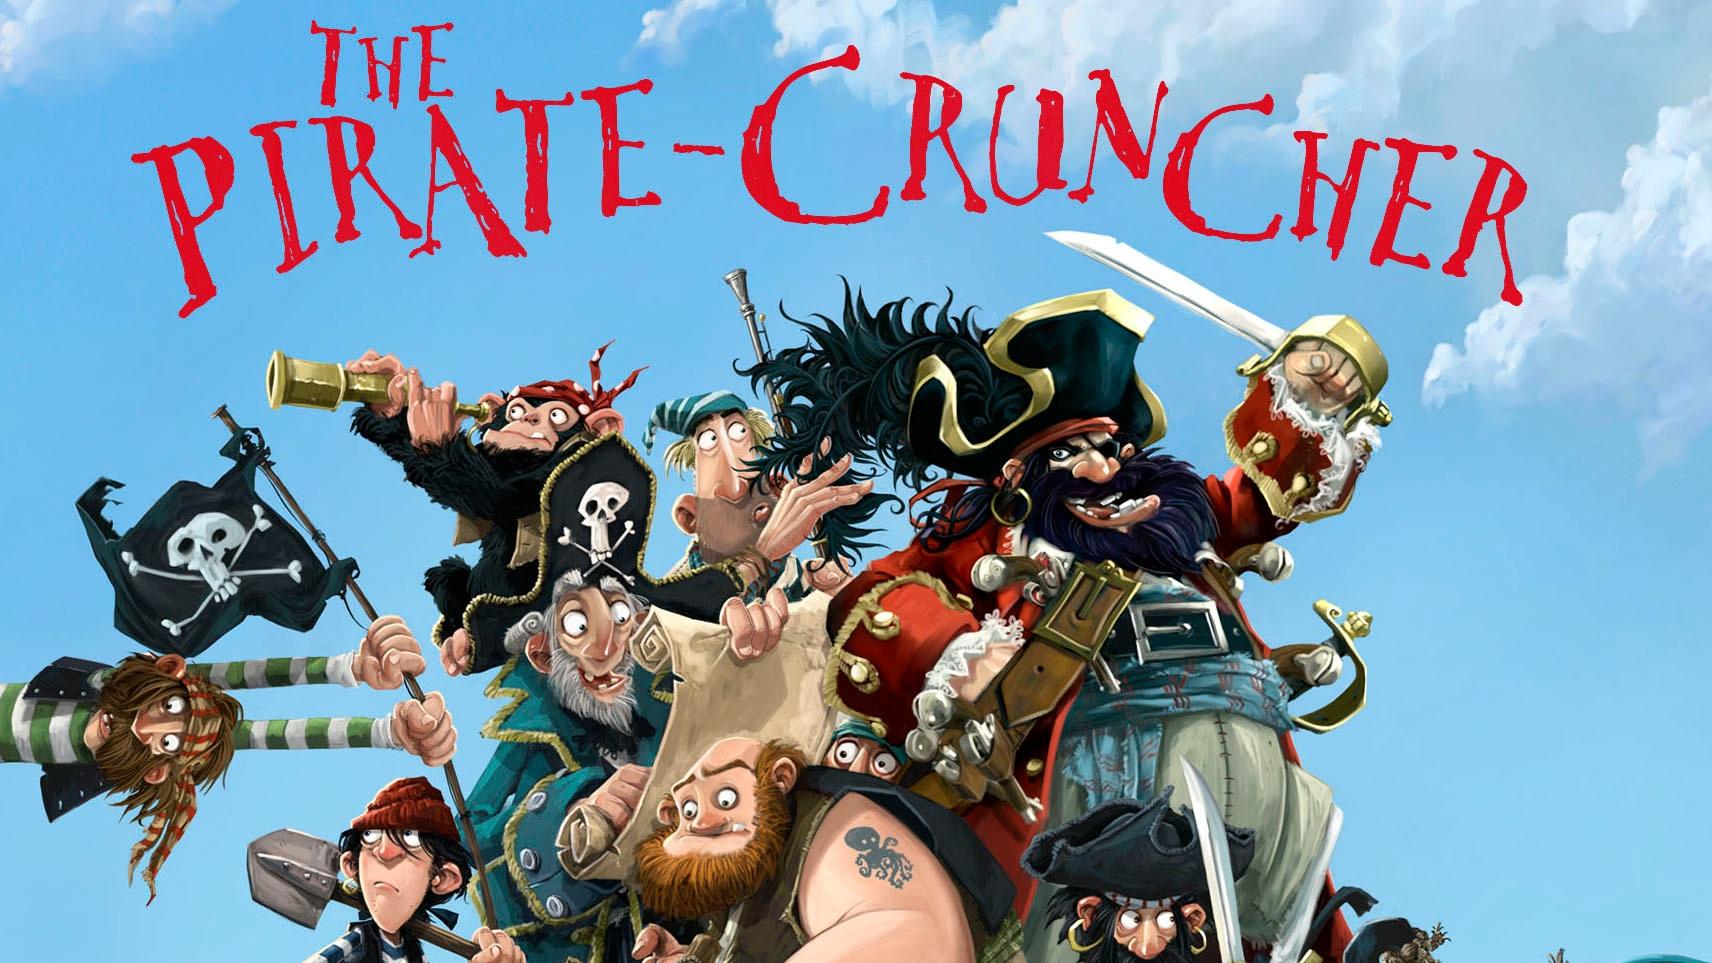 Pirate Cruncher.jpg